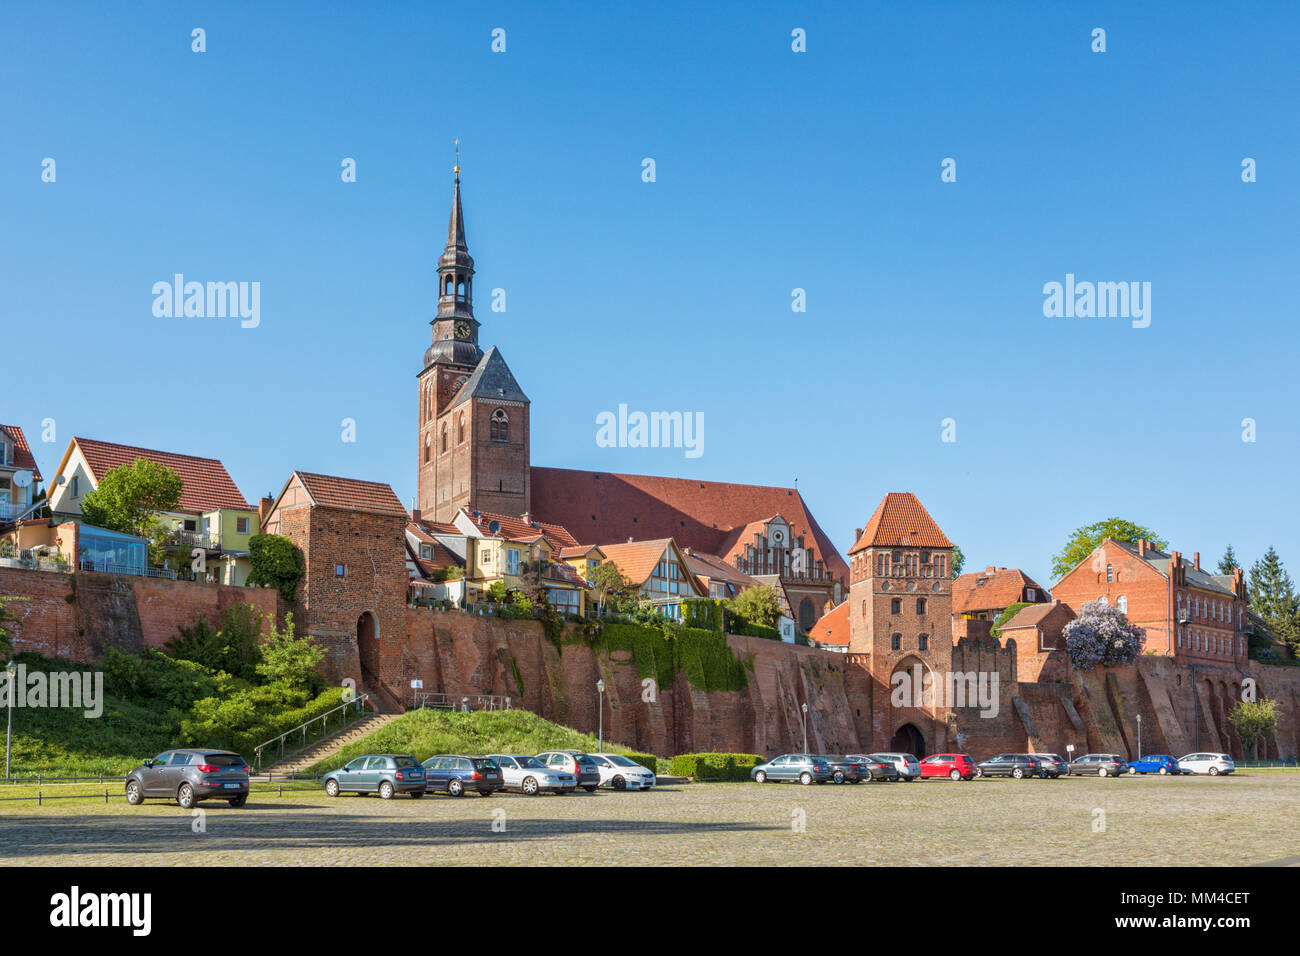 Stadt Tangermünde, Sachsen-Anhalt, Deutschland Stockbild